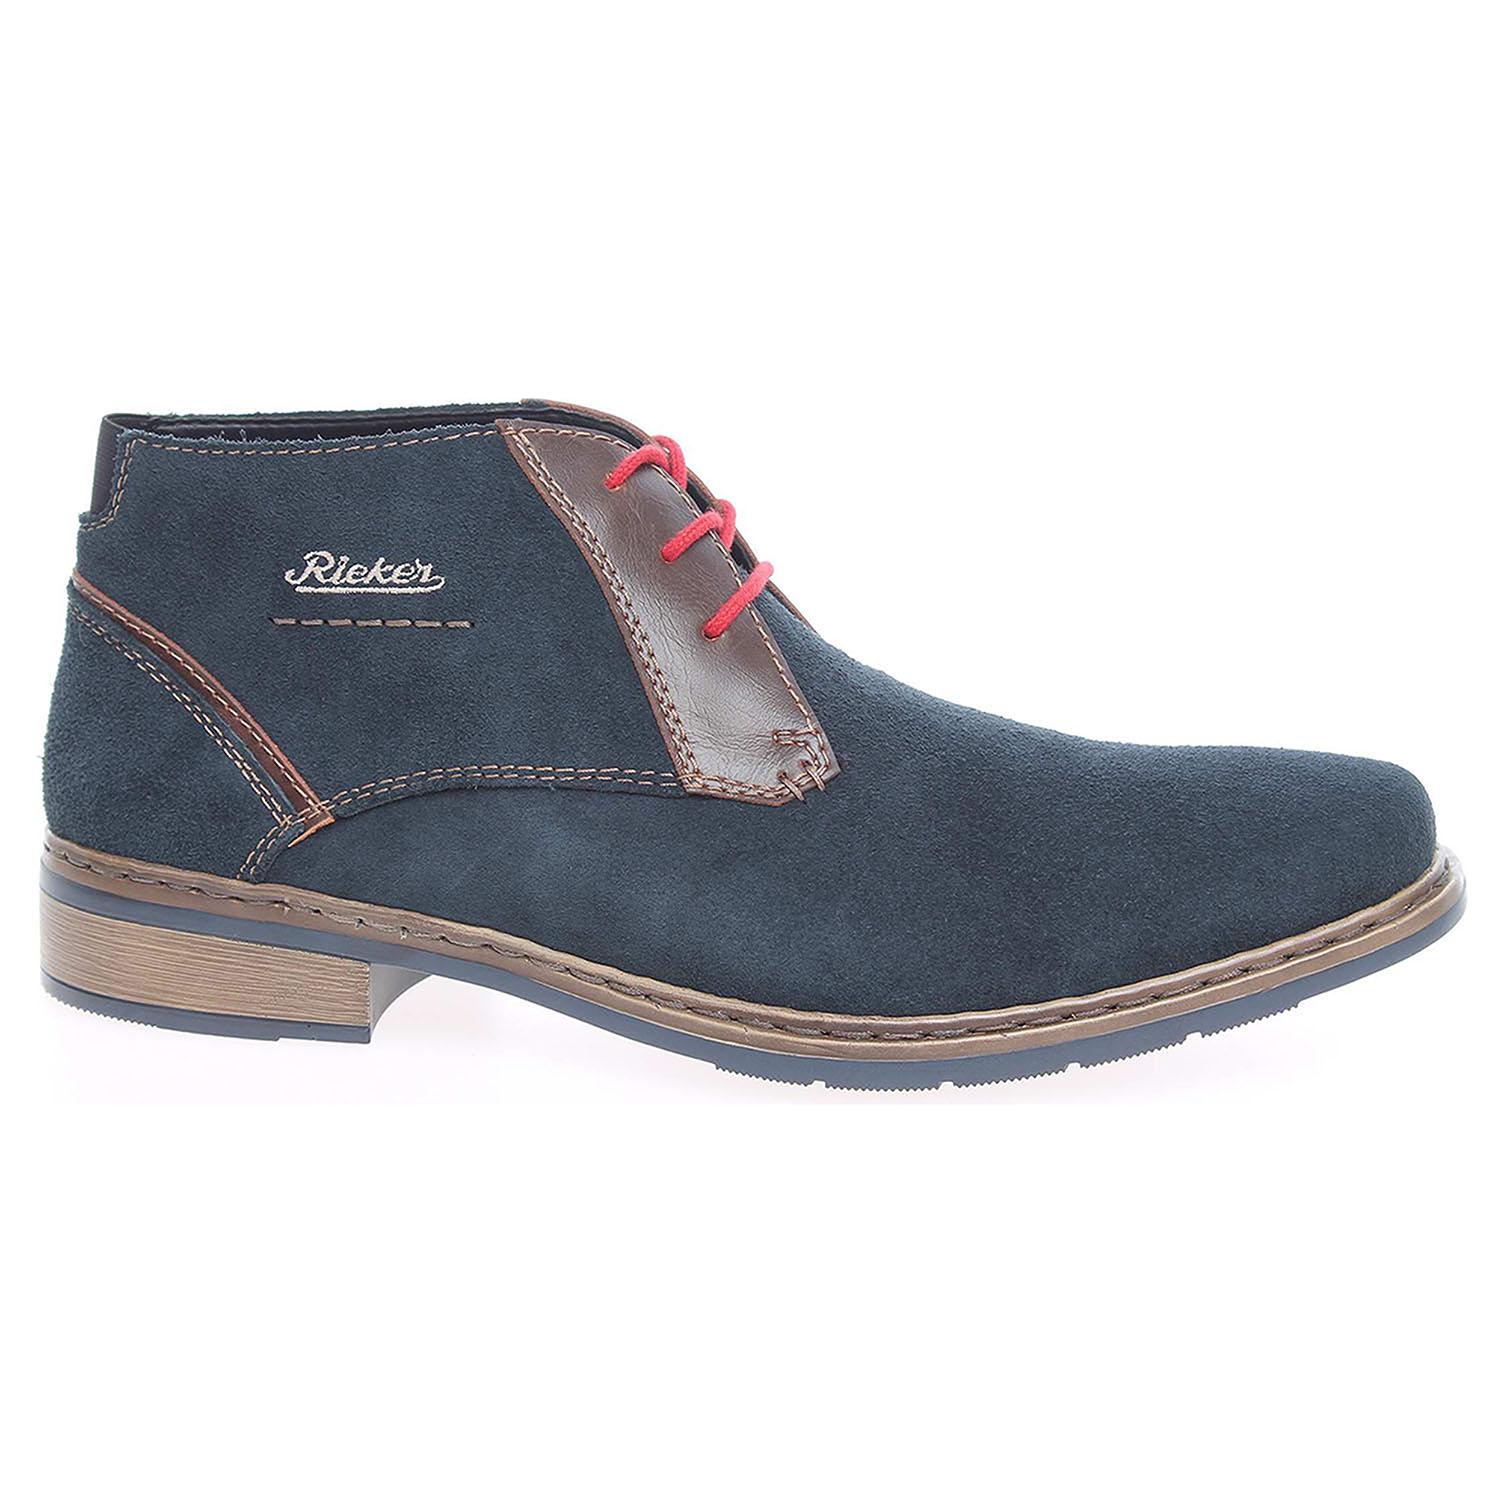 ff1e63b83 Pánska členkové topánky Rieker 30813-14 modré   REJNOK obuv